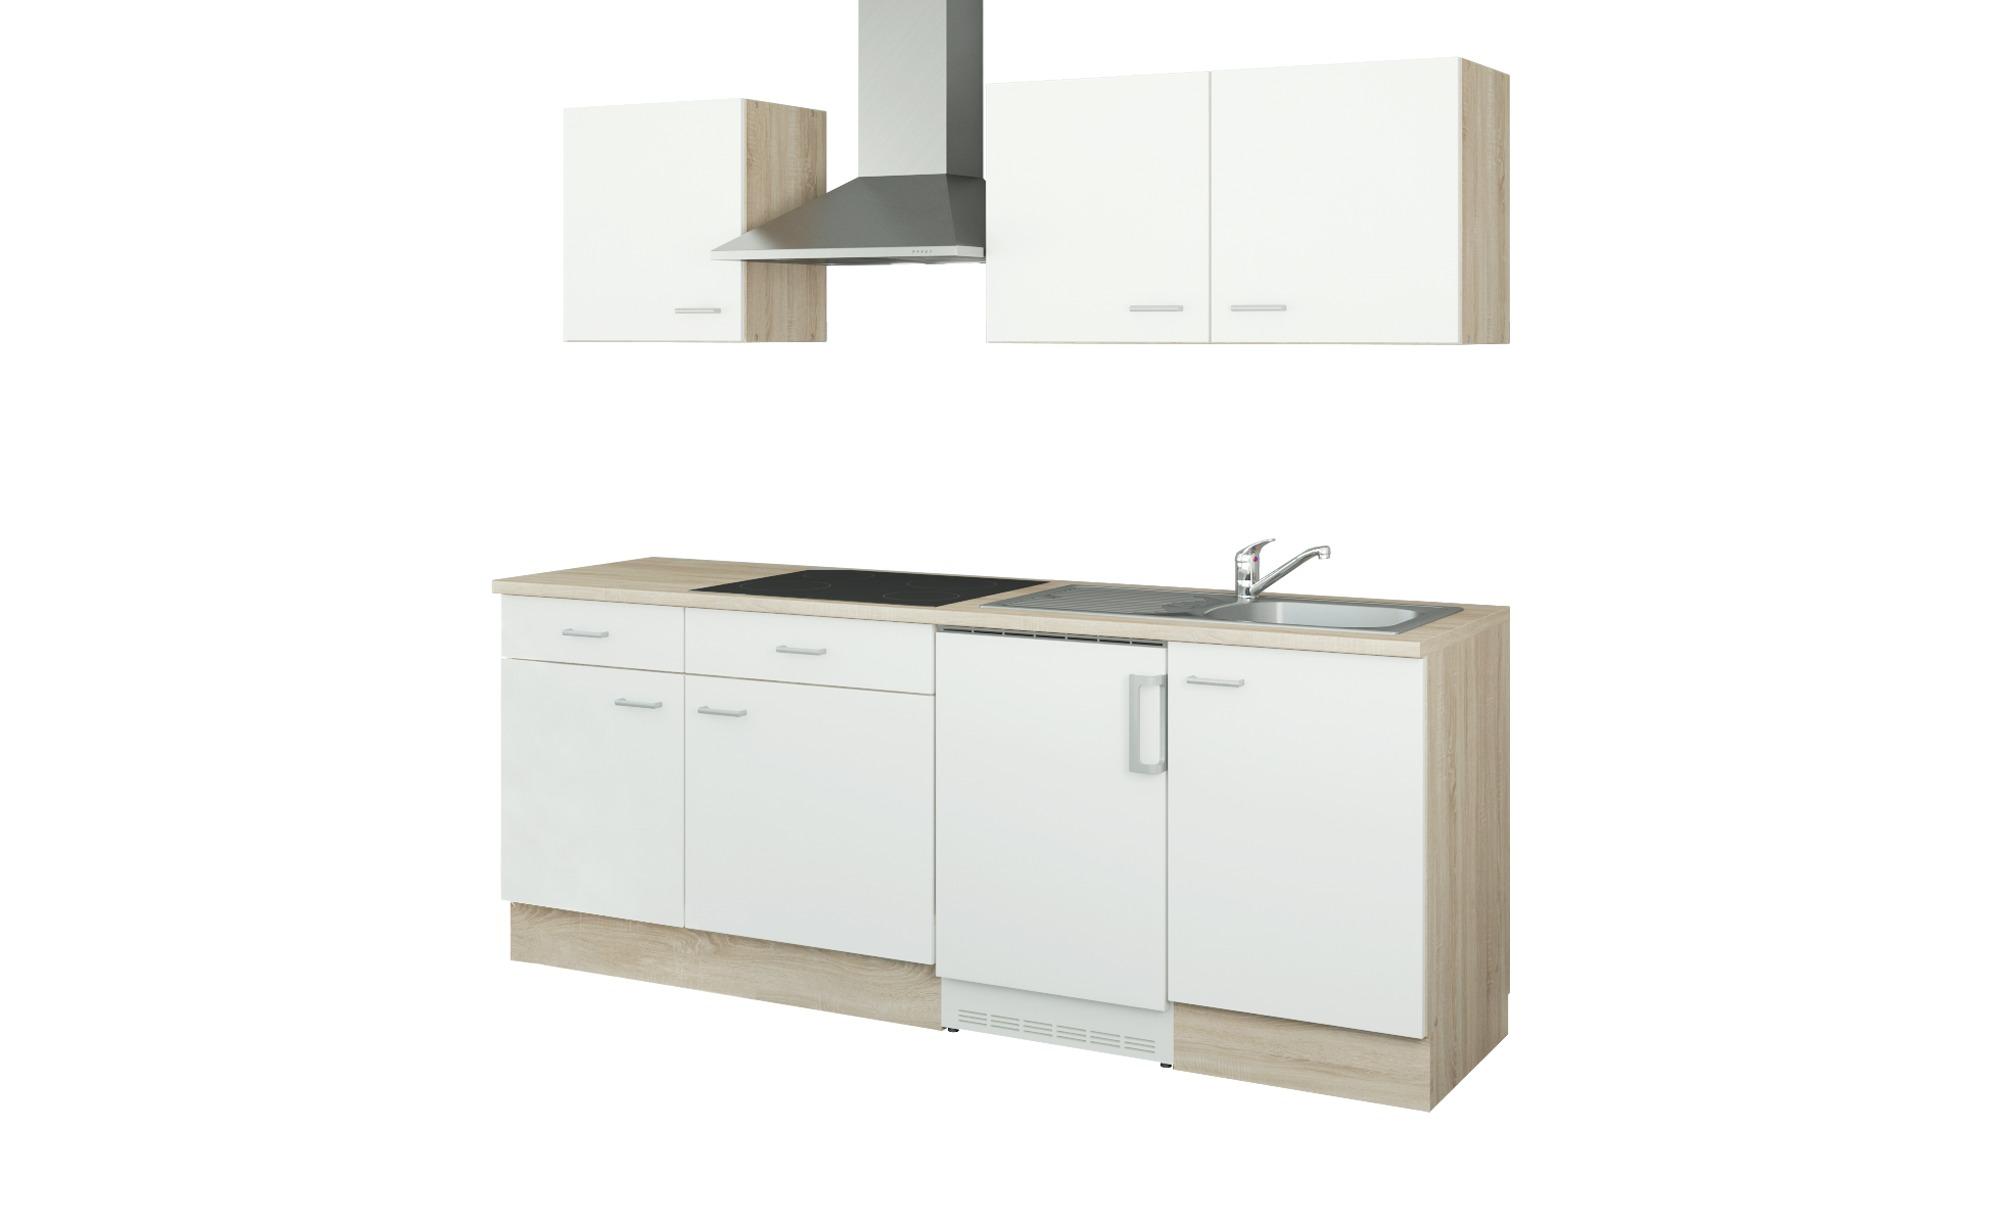 uno Küchenzeile mit Elektrogeräten  Bremen ¦ weiß ¦ Maße (cm): B: 210 Küchen > Küchenblöcke mit E-Geräten - Höffner